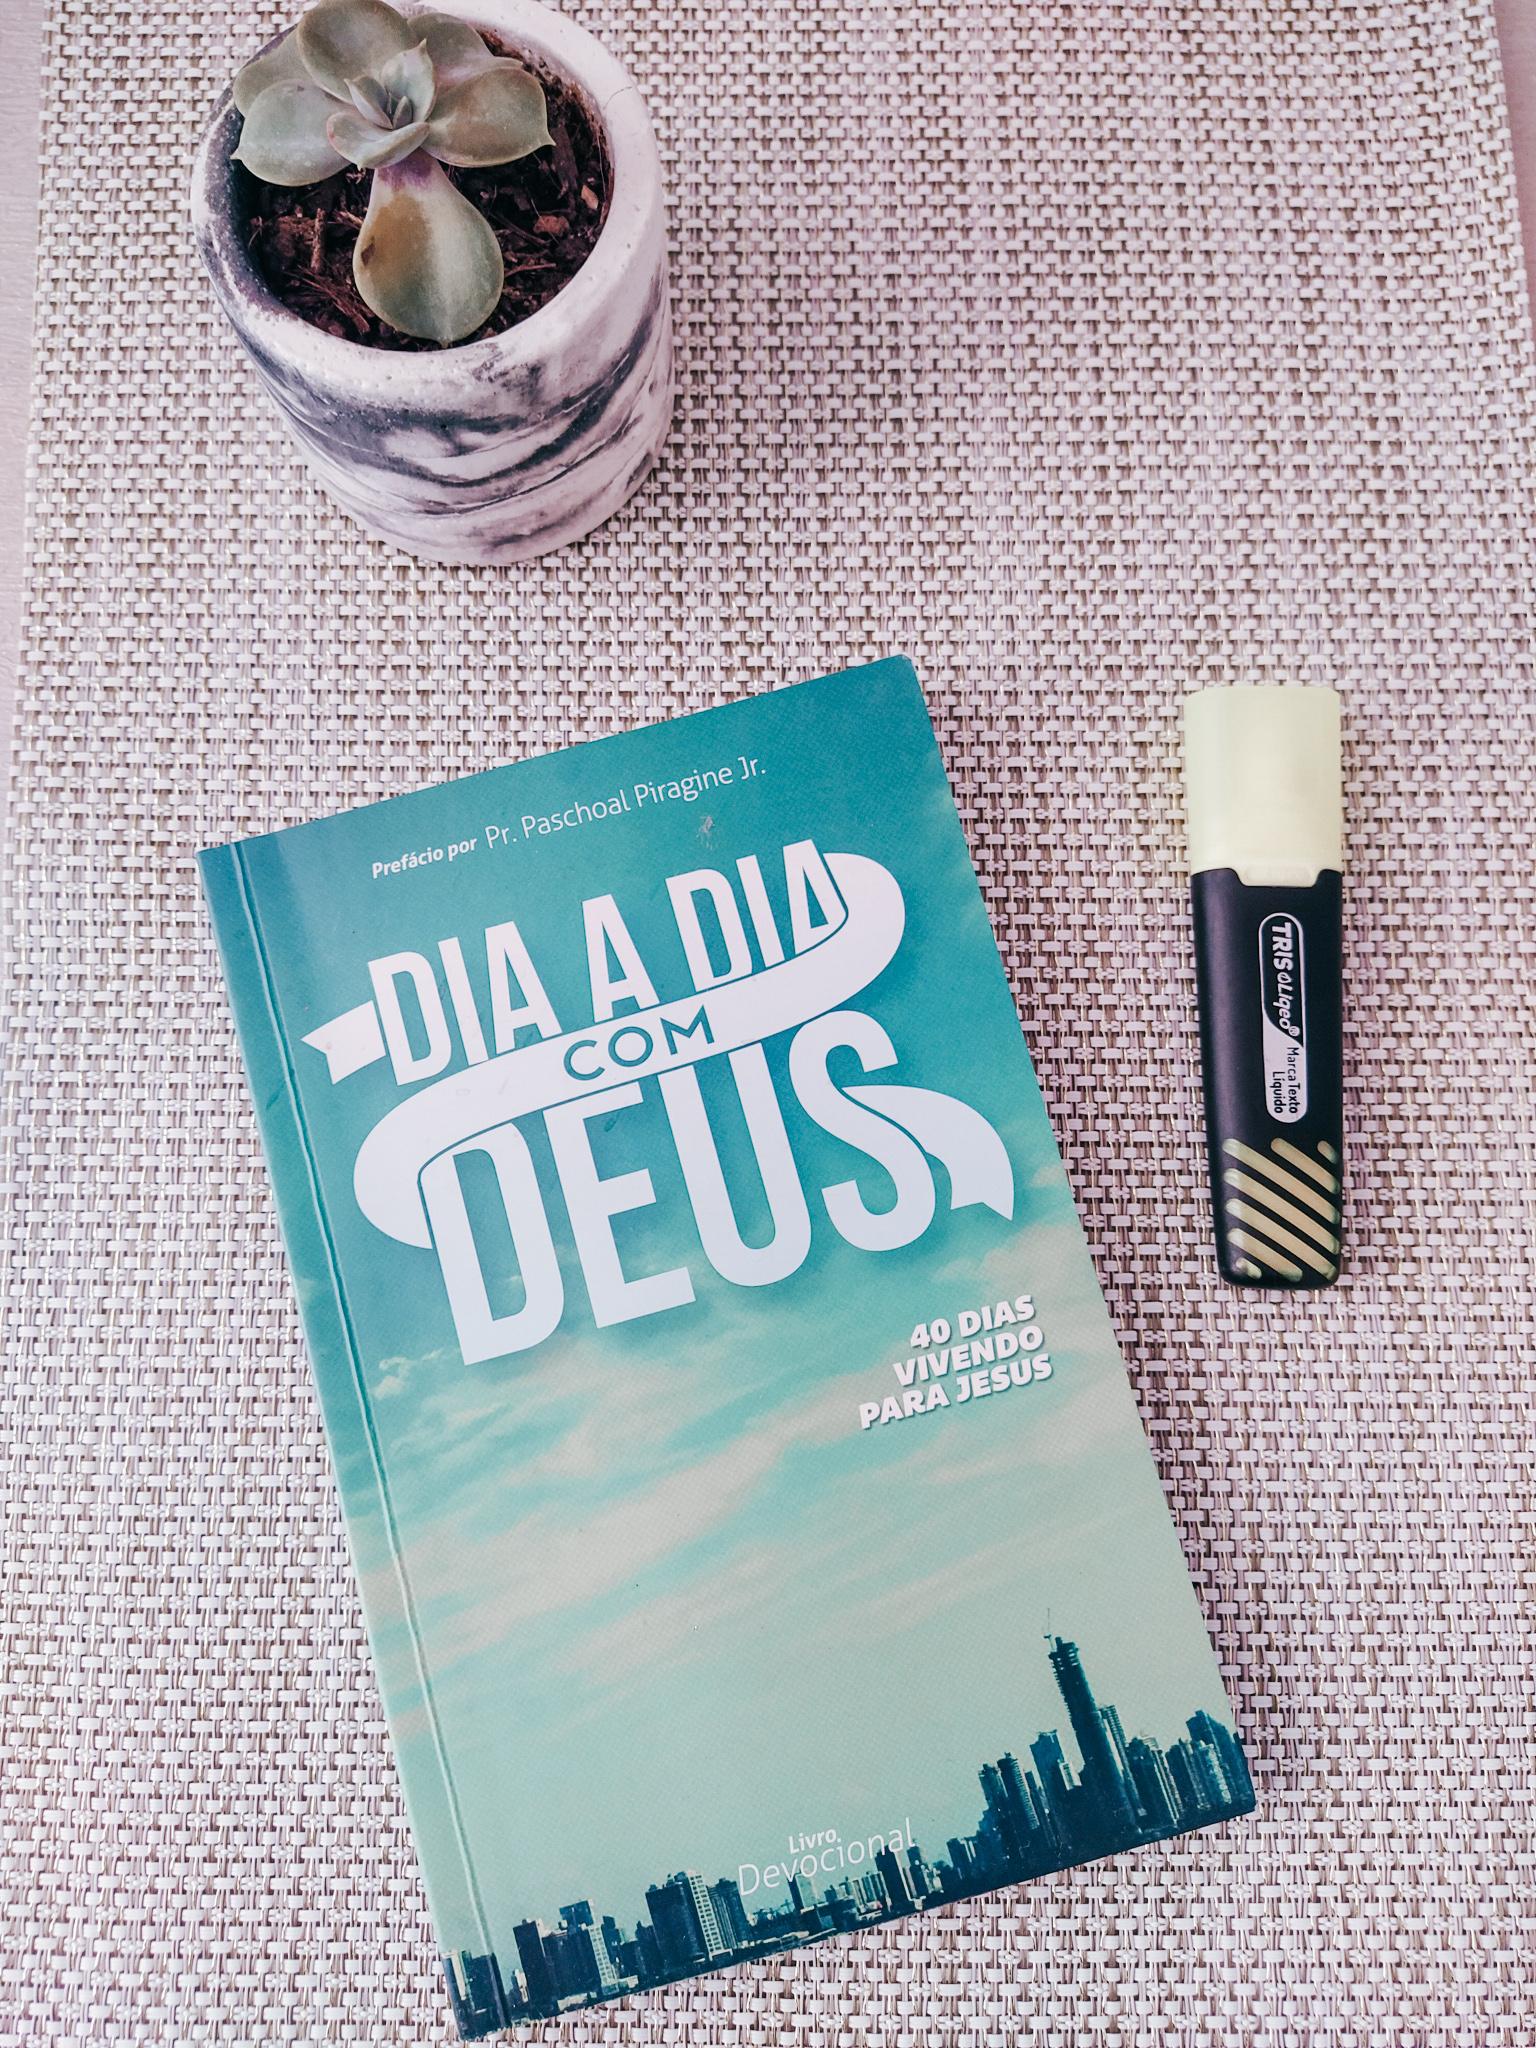 Vida Com Deus | Como Fazer Devocional Livro -